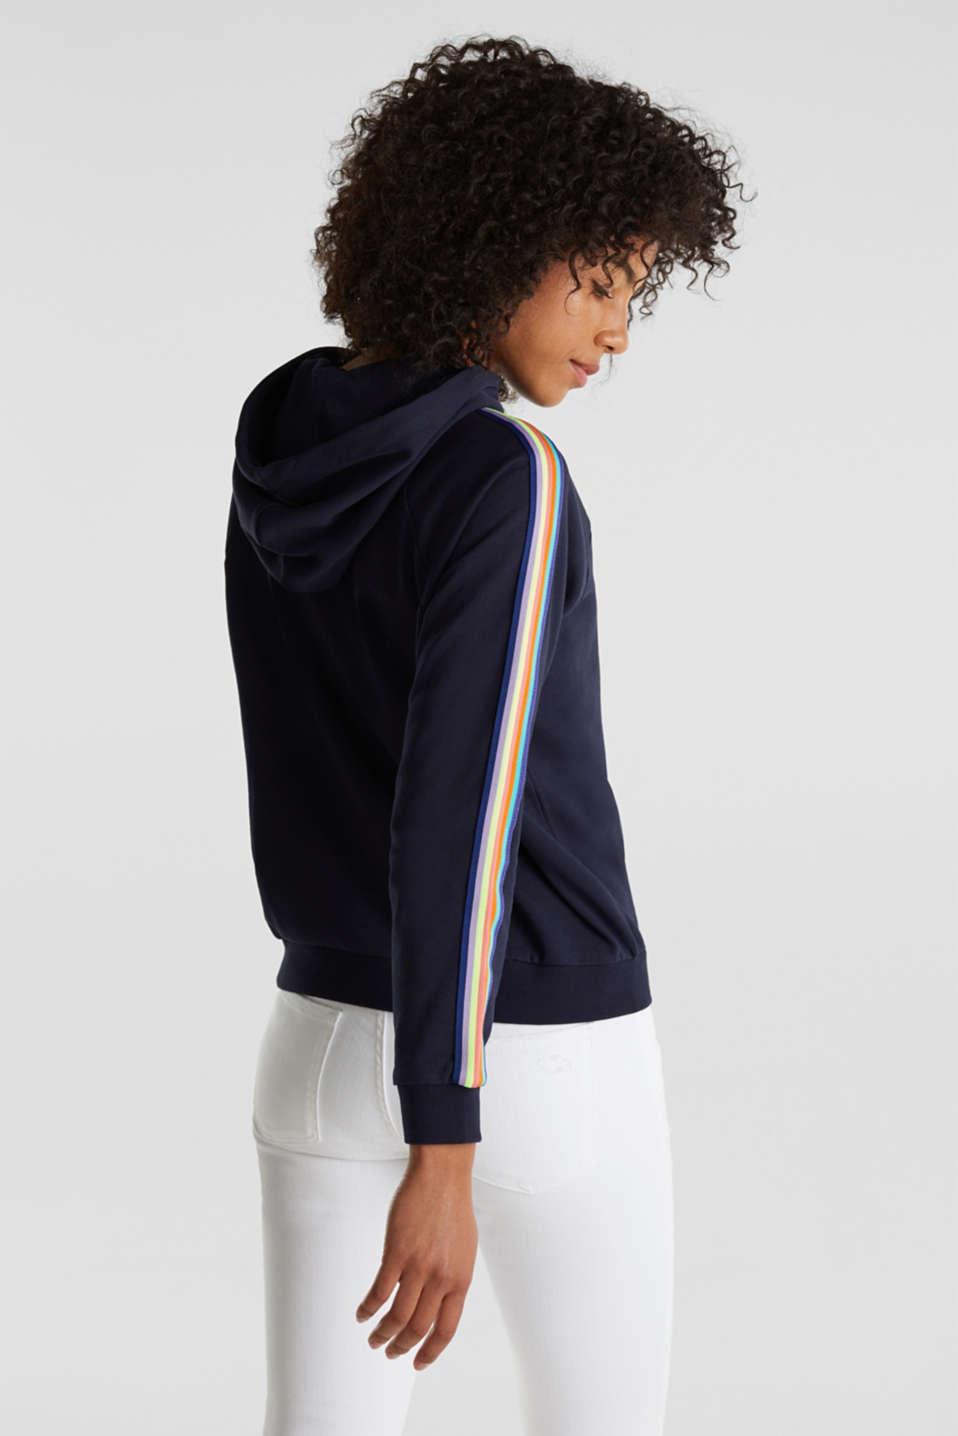 Sweatshirt hoodie with appliquéd stripes, NAVY, detail image number 3